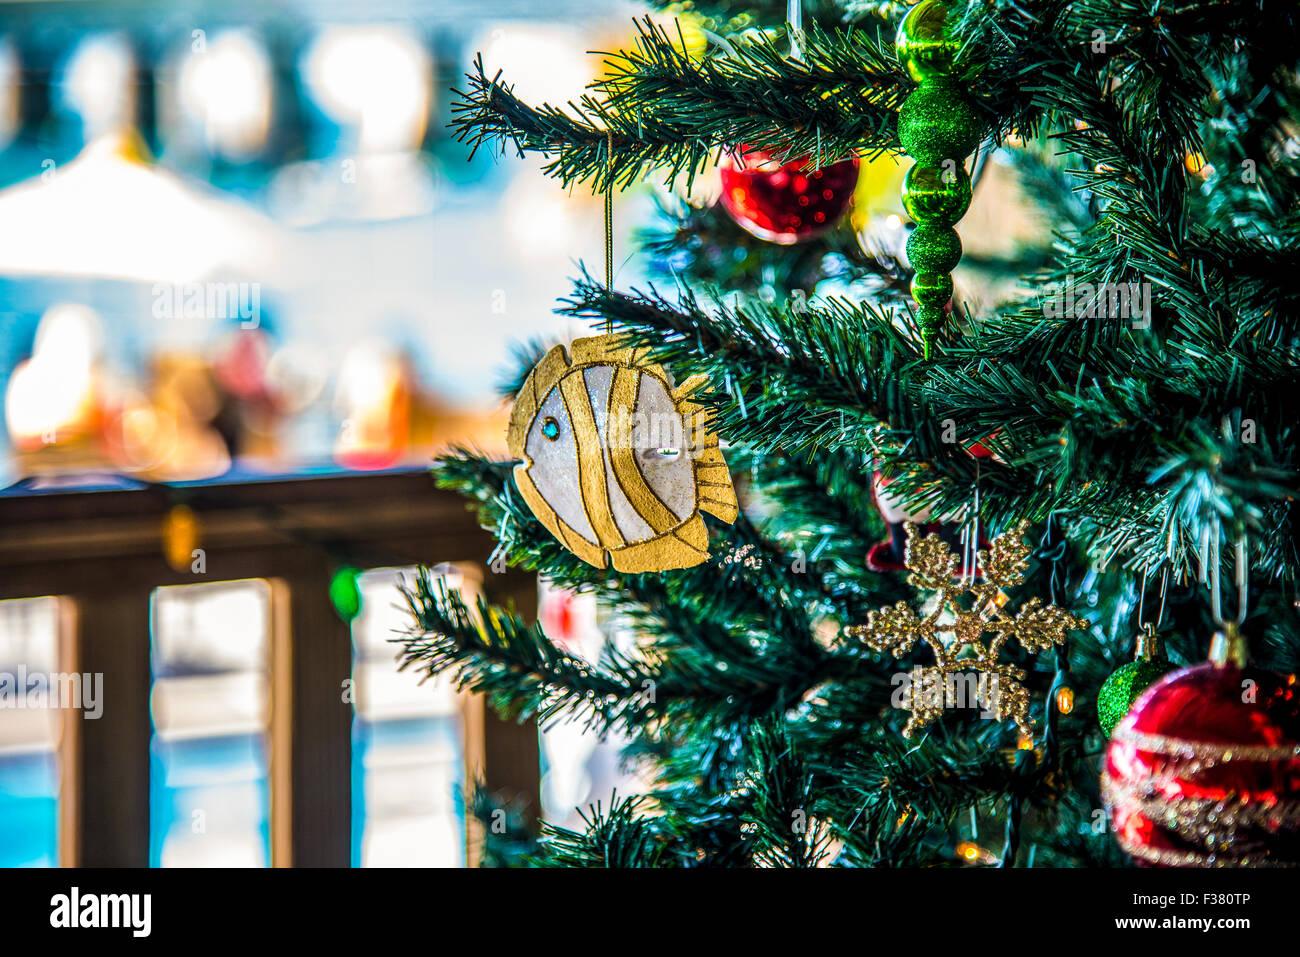 Christmas In Florida Keys.Florida Keys Christmas Tree Stock Photo 88072118 Alamy